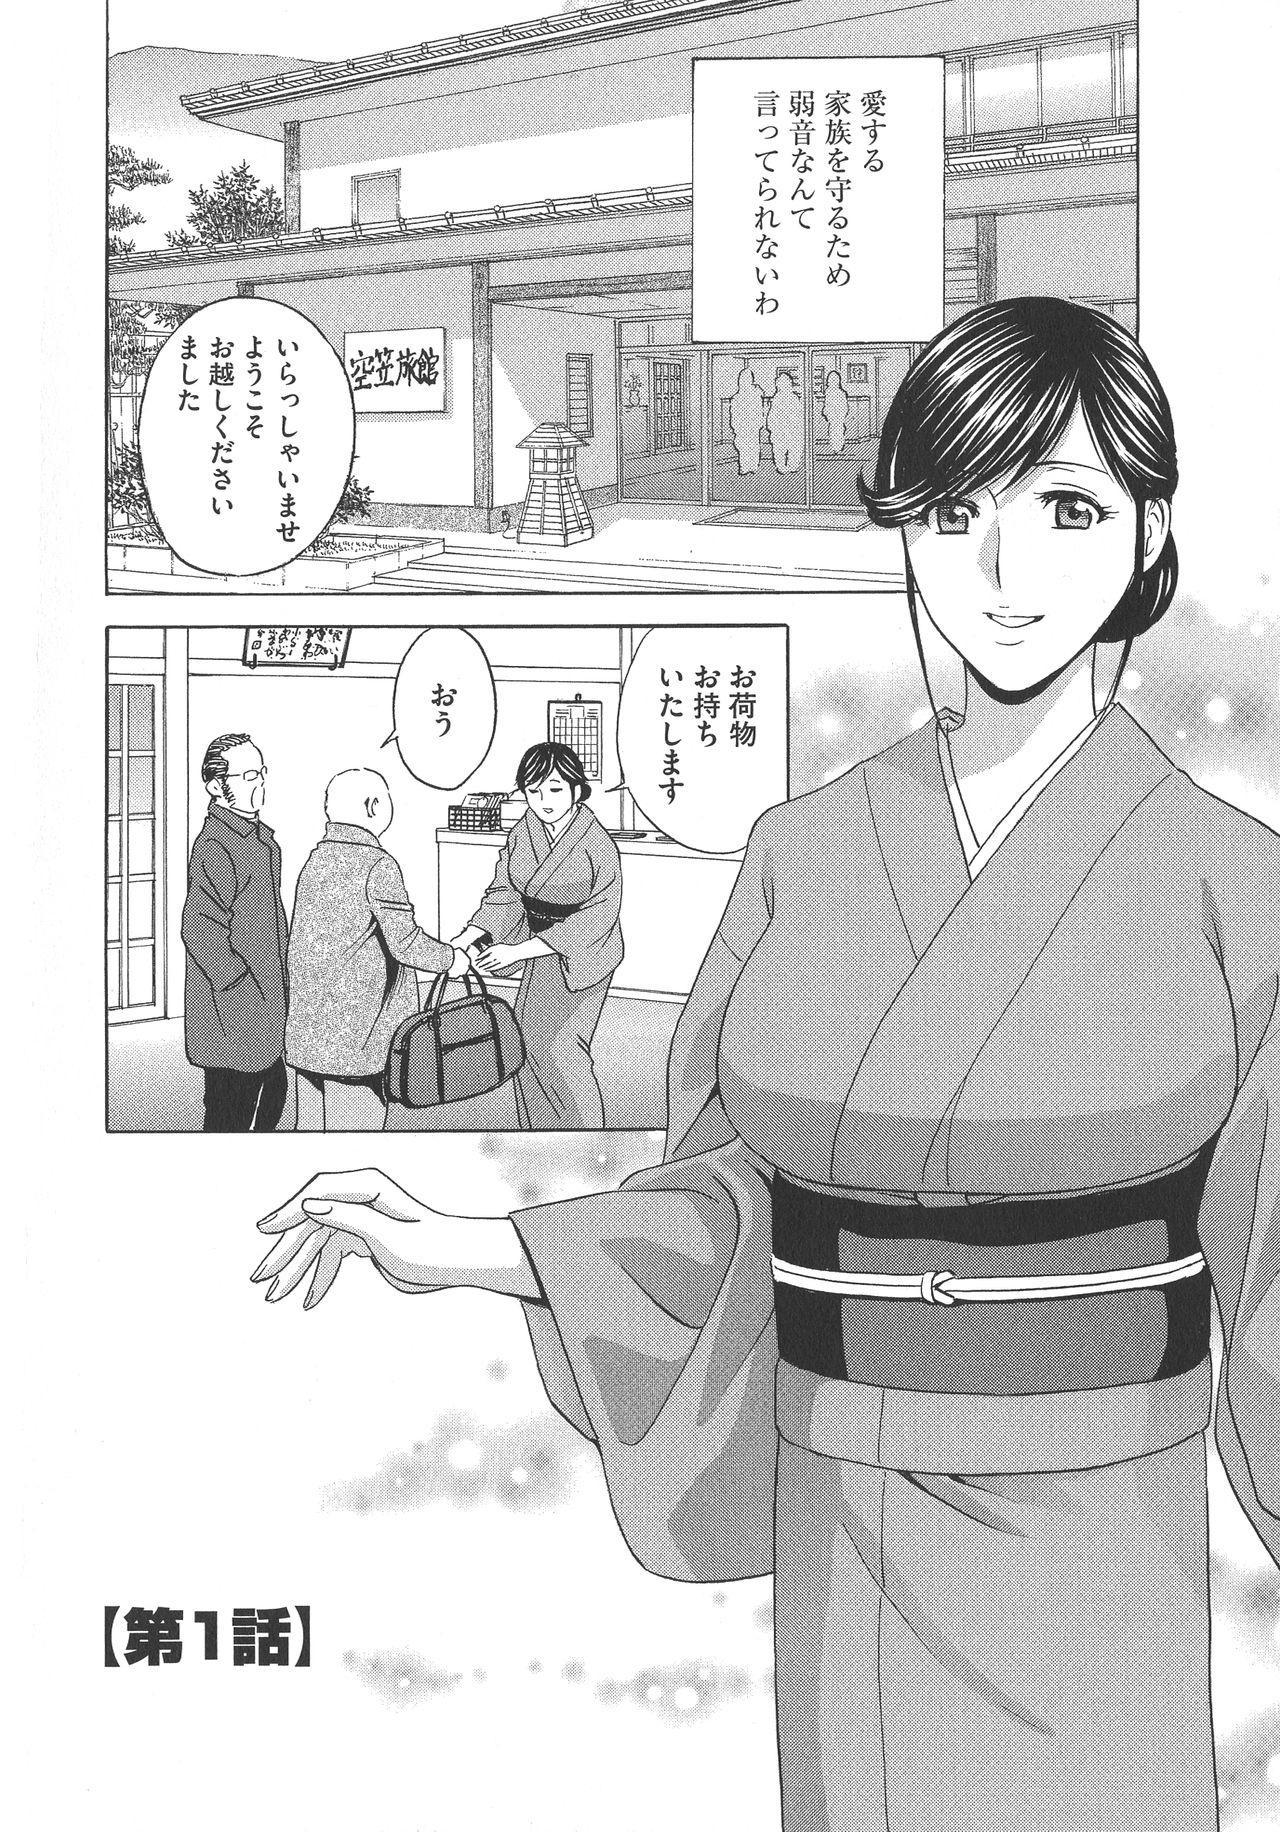 Chijoku ni Modaeru Haha no Chichi… 5